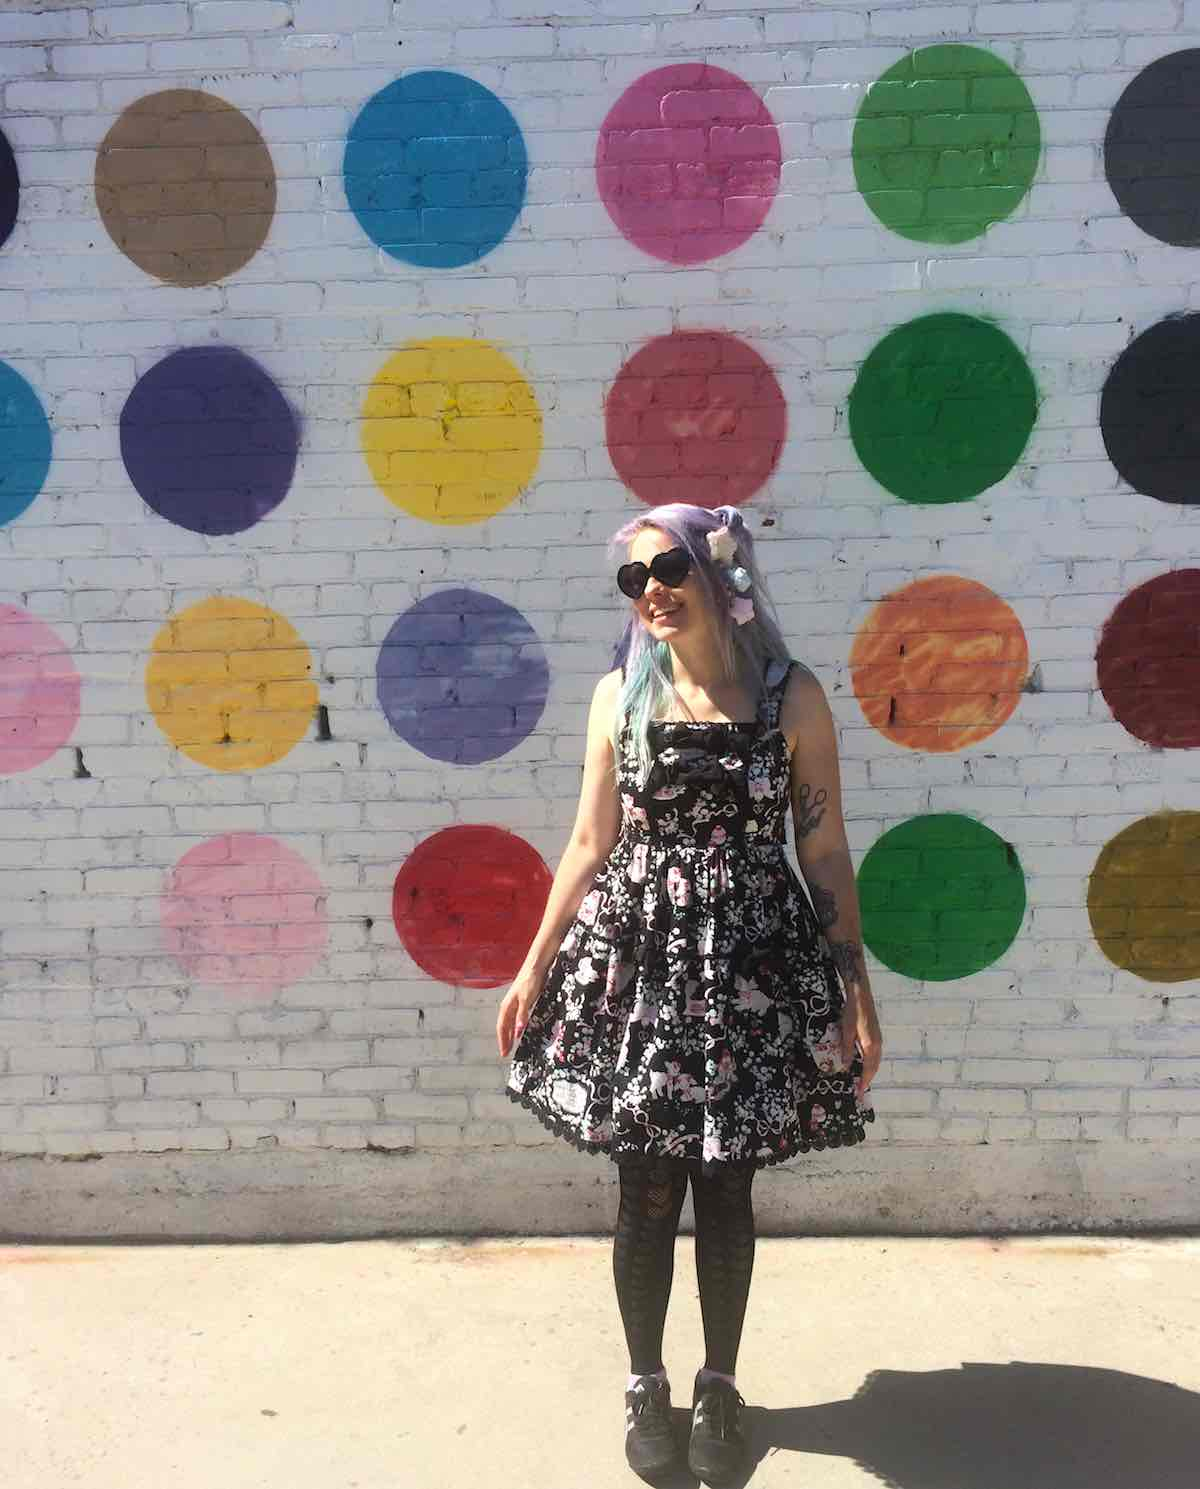 Polka dot wall in downtown LA